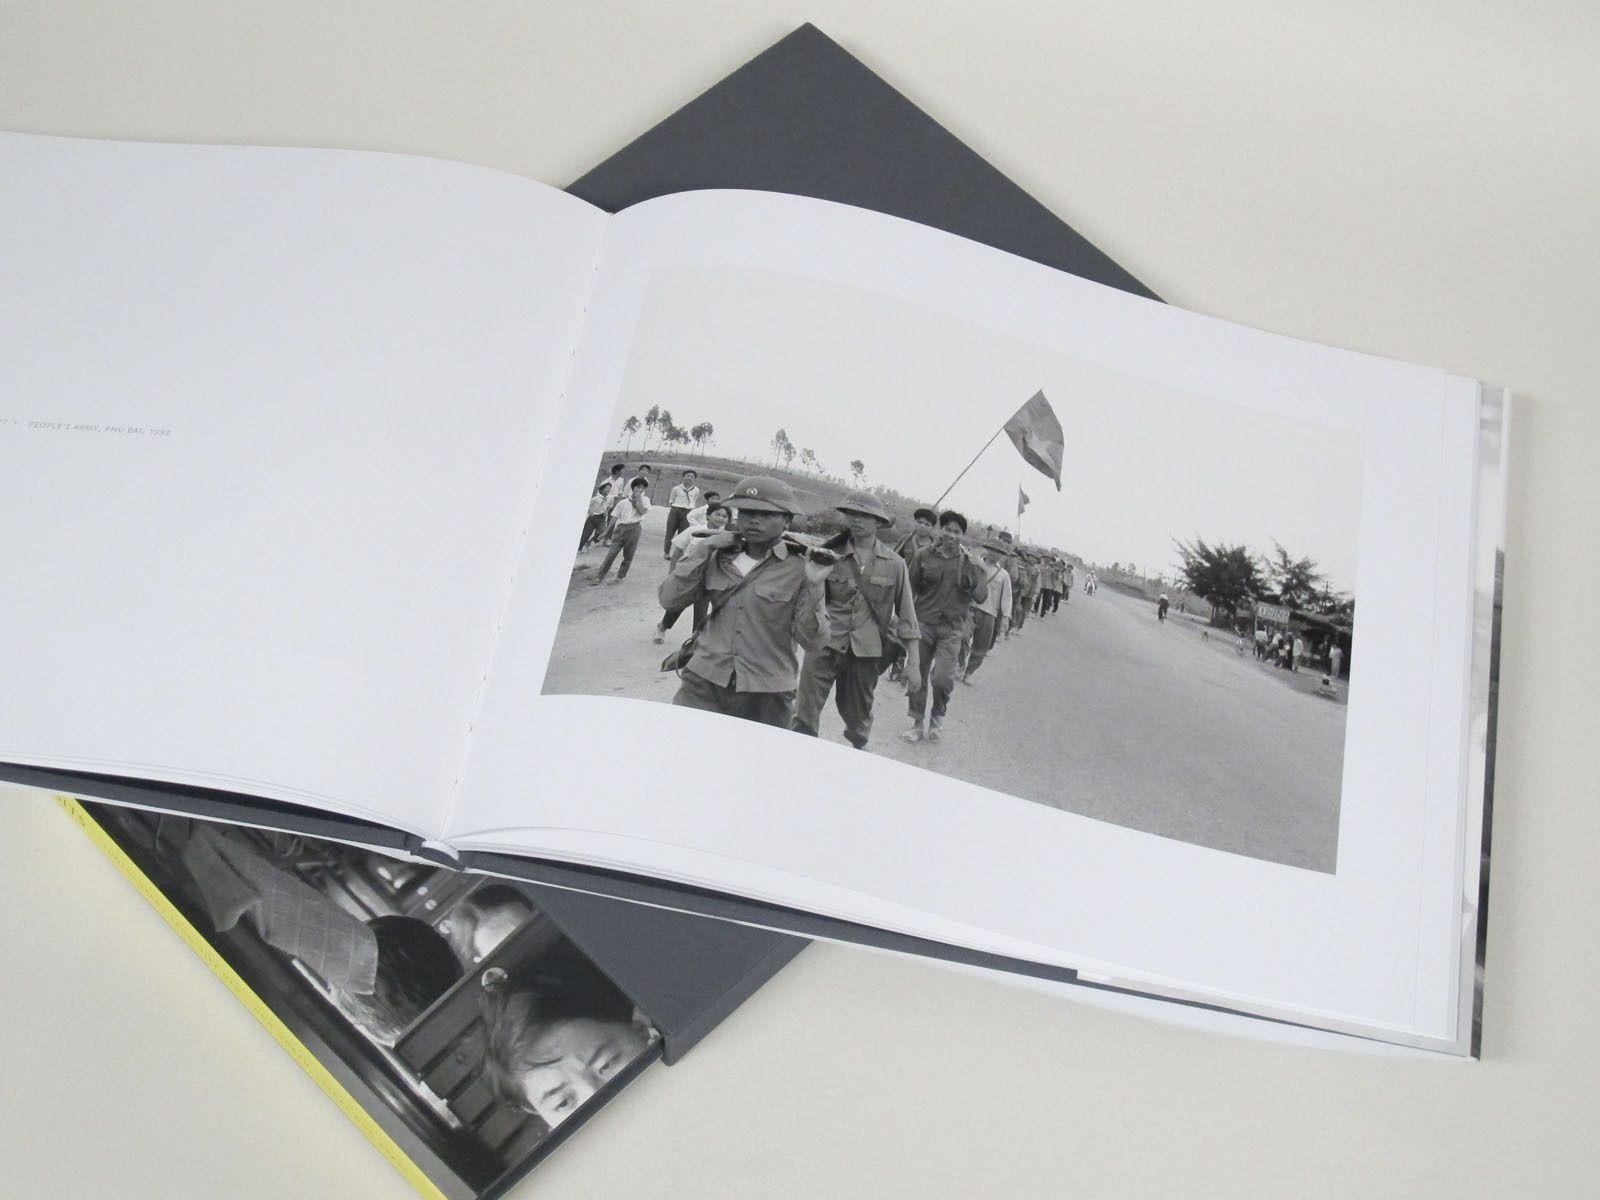 Sample page(p.17), Title: People's Army, Phu Bai, 1992